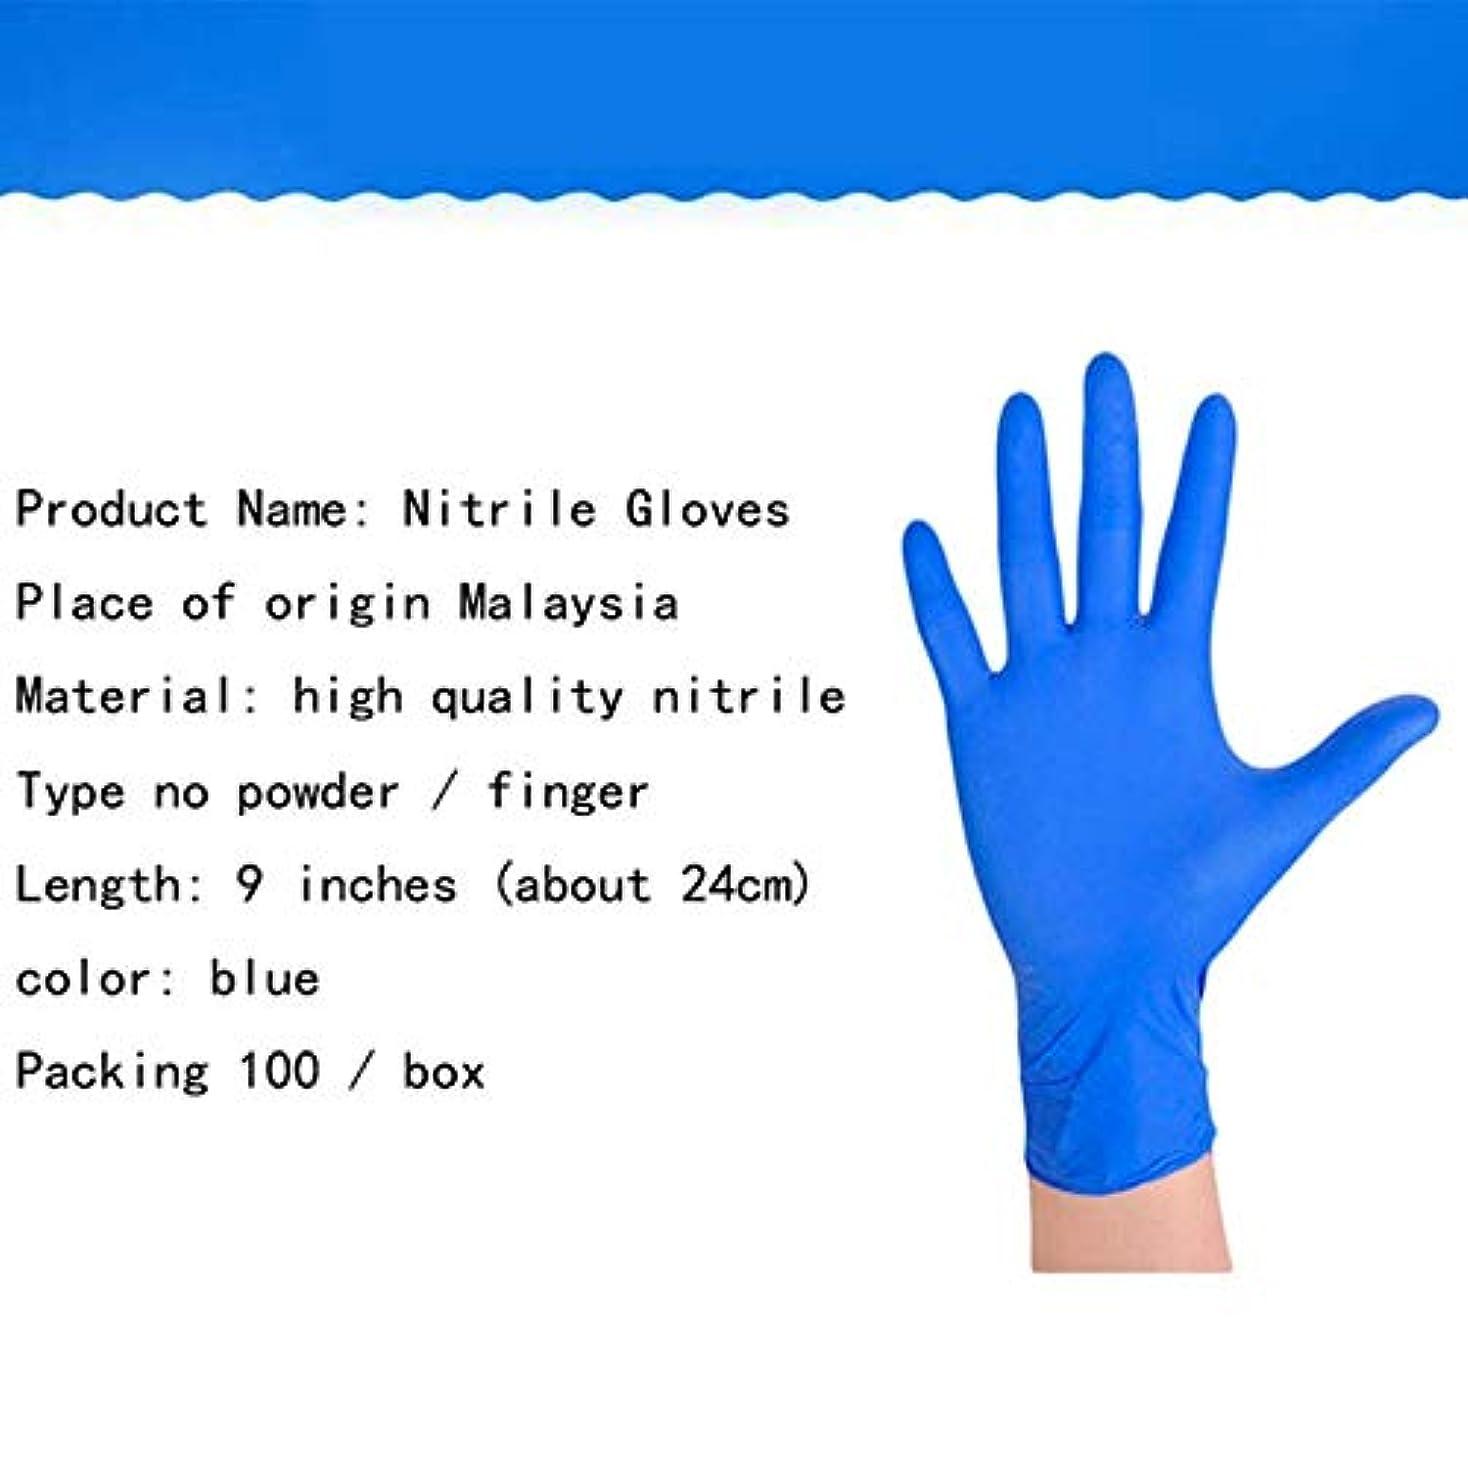 退却タイマー資本ニトリル手袋、パウダーフリー、ラテックスゴムフリー、使い捨て手袋 - 非滅菌、食品安全、医療用グレード、100 PCSの便利なディスペンサーパック、(追加強度)(S-XL) (Size : S)